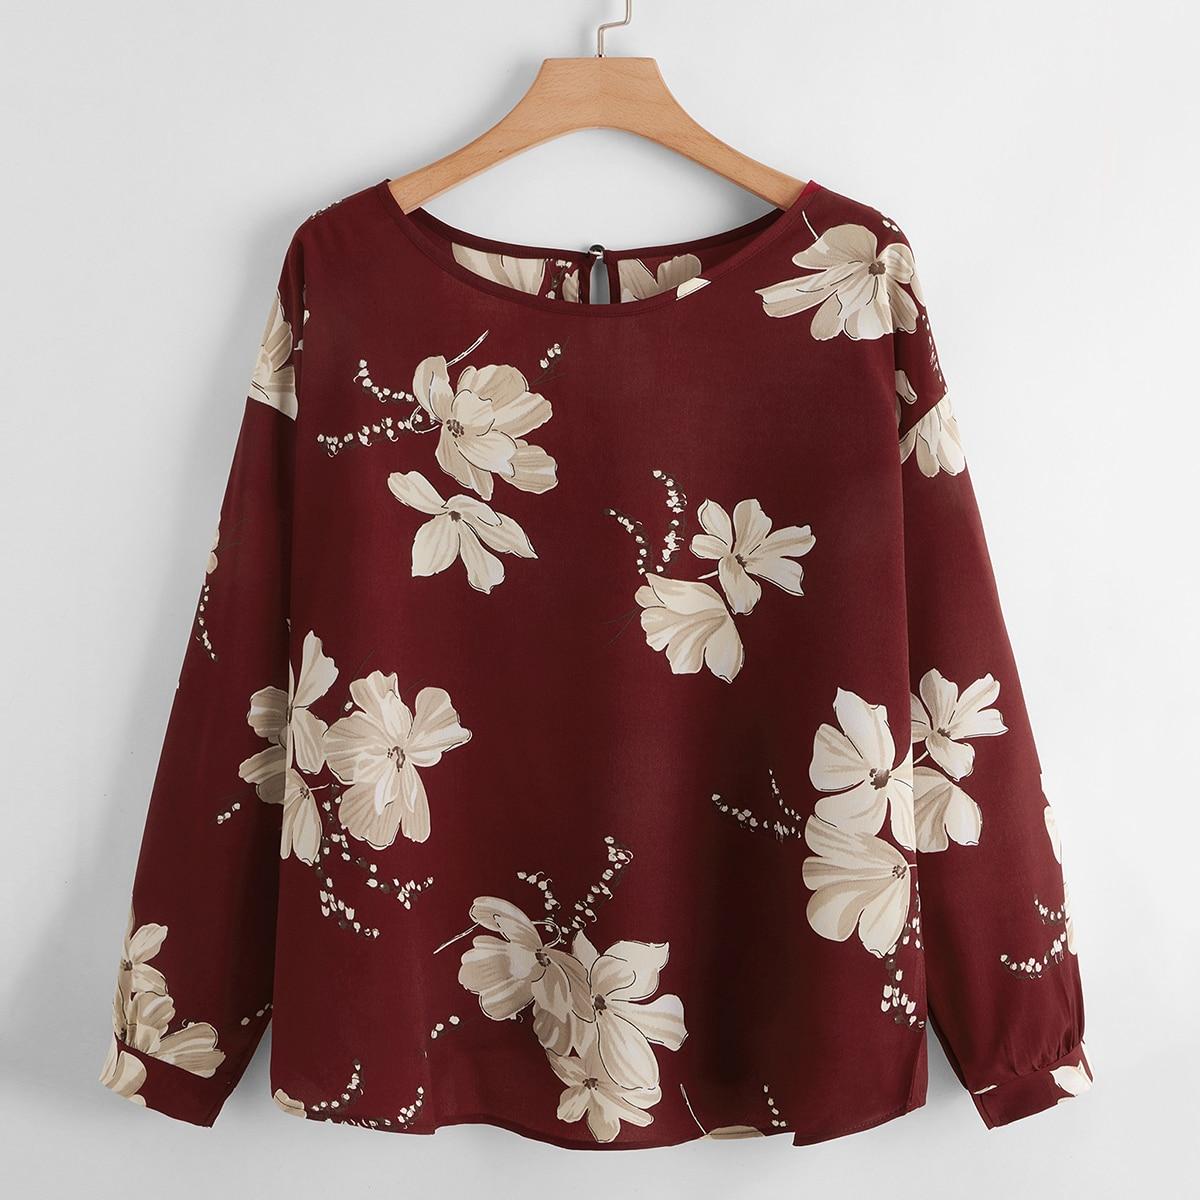 Пуговица Цветочный Повседневный Блузы размер плюс